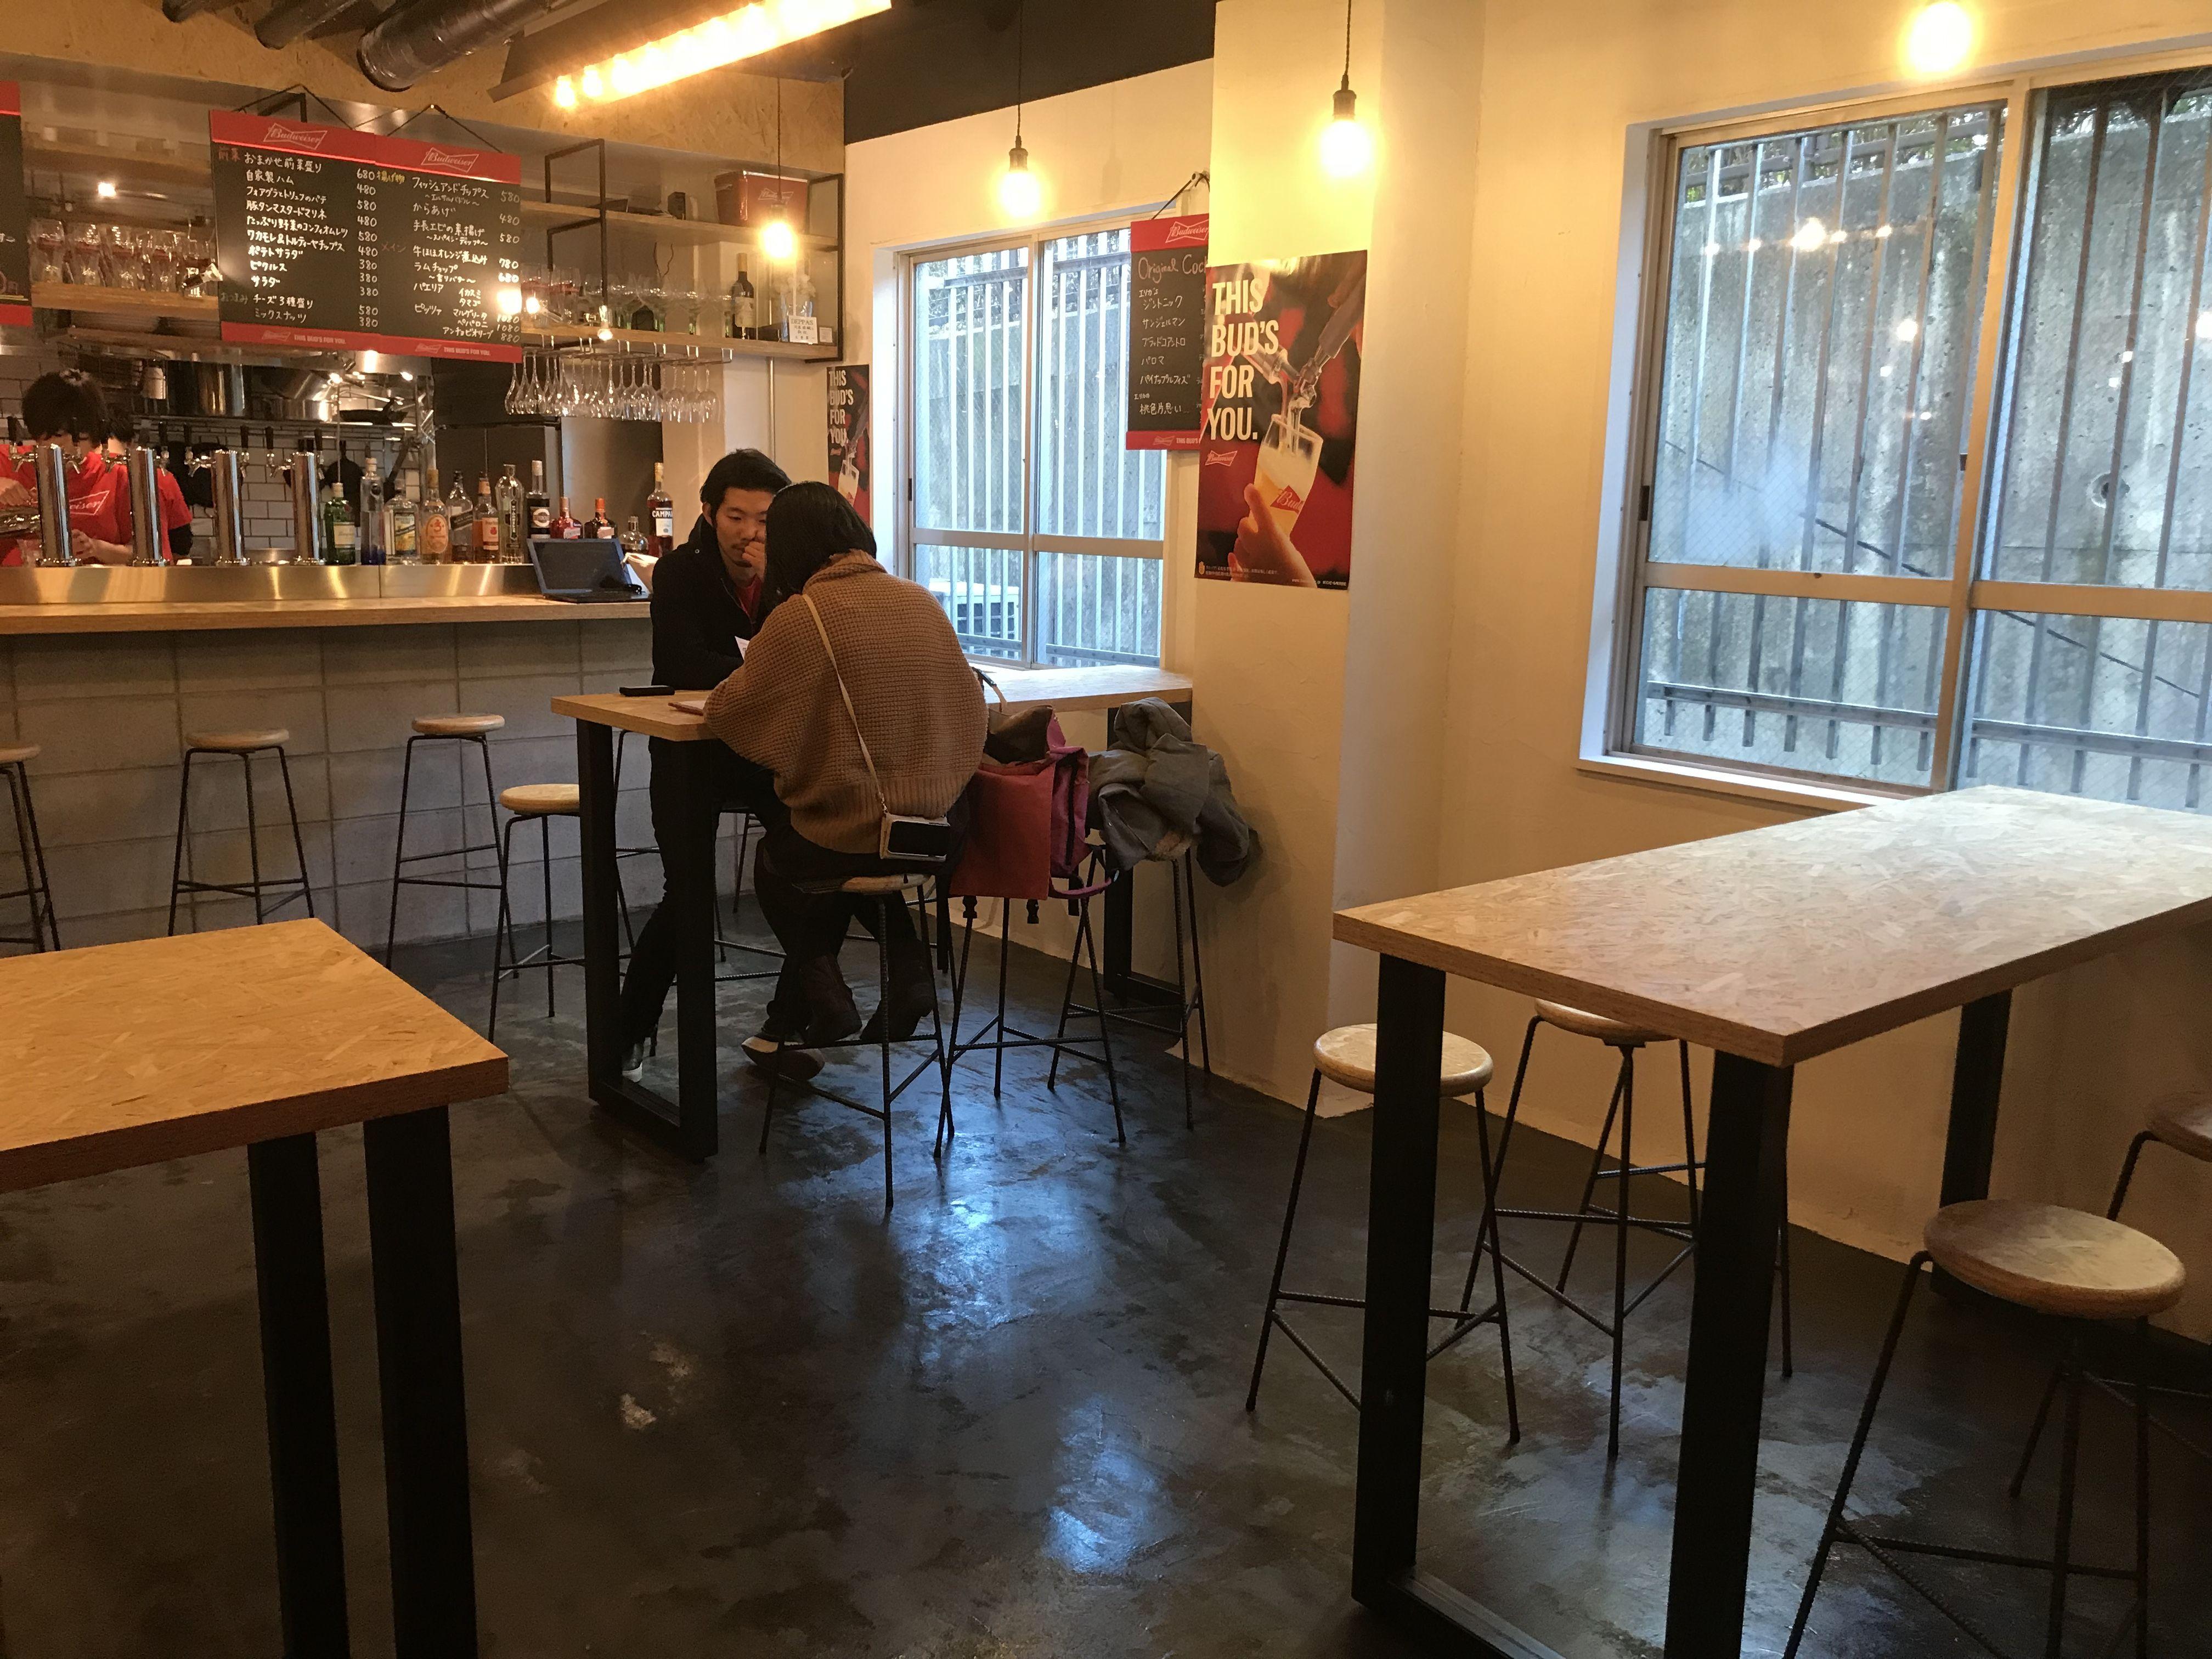 ビアホール「Bud's Diner Osaka(バドズ ダイナー オーサカ)取材中の様子